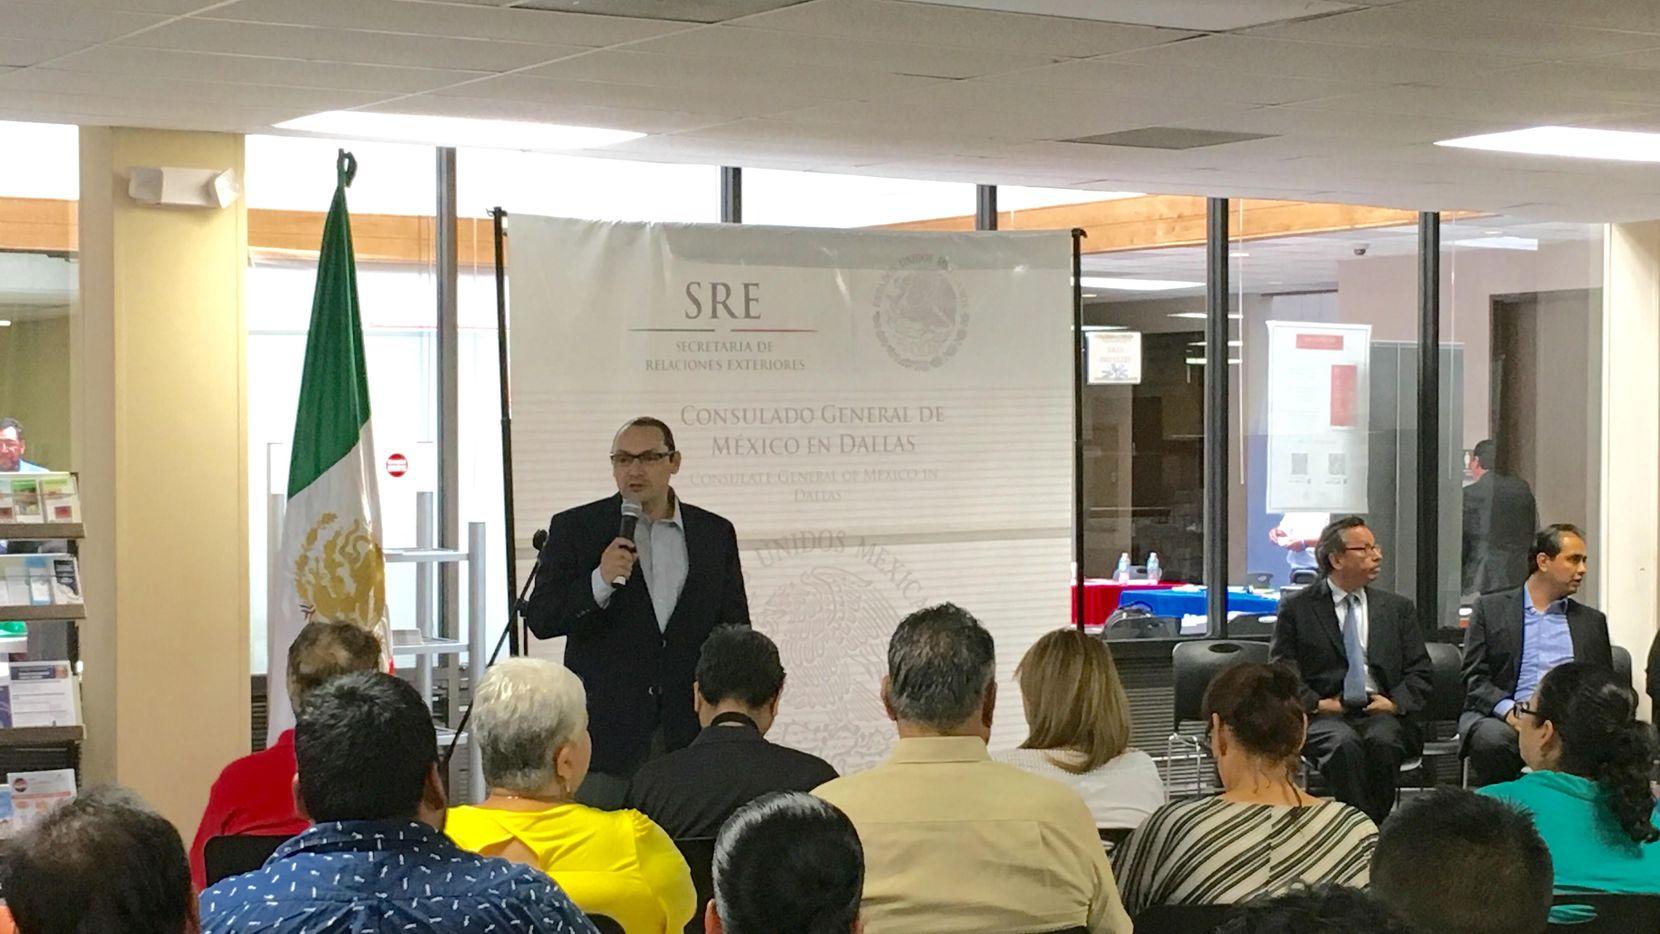 El nuevo cónsul general Francisco de la Torre Galindo durante su primera reunión comunitaria el jueves 30 de junio en el consulado mexicano de Dallas (KARINA RAMÍREZ/AL DÍA)